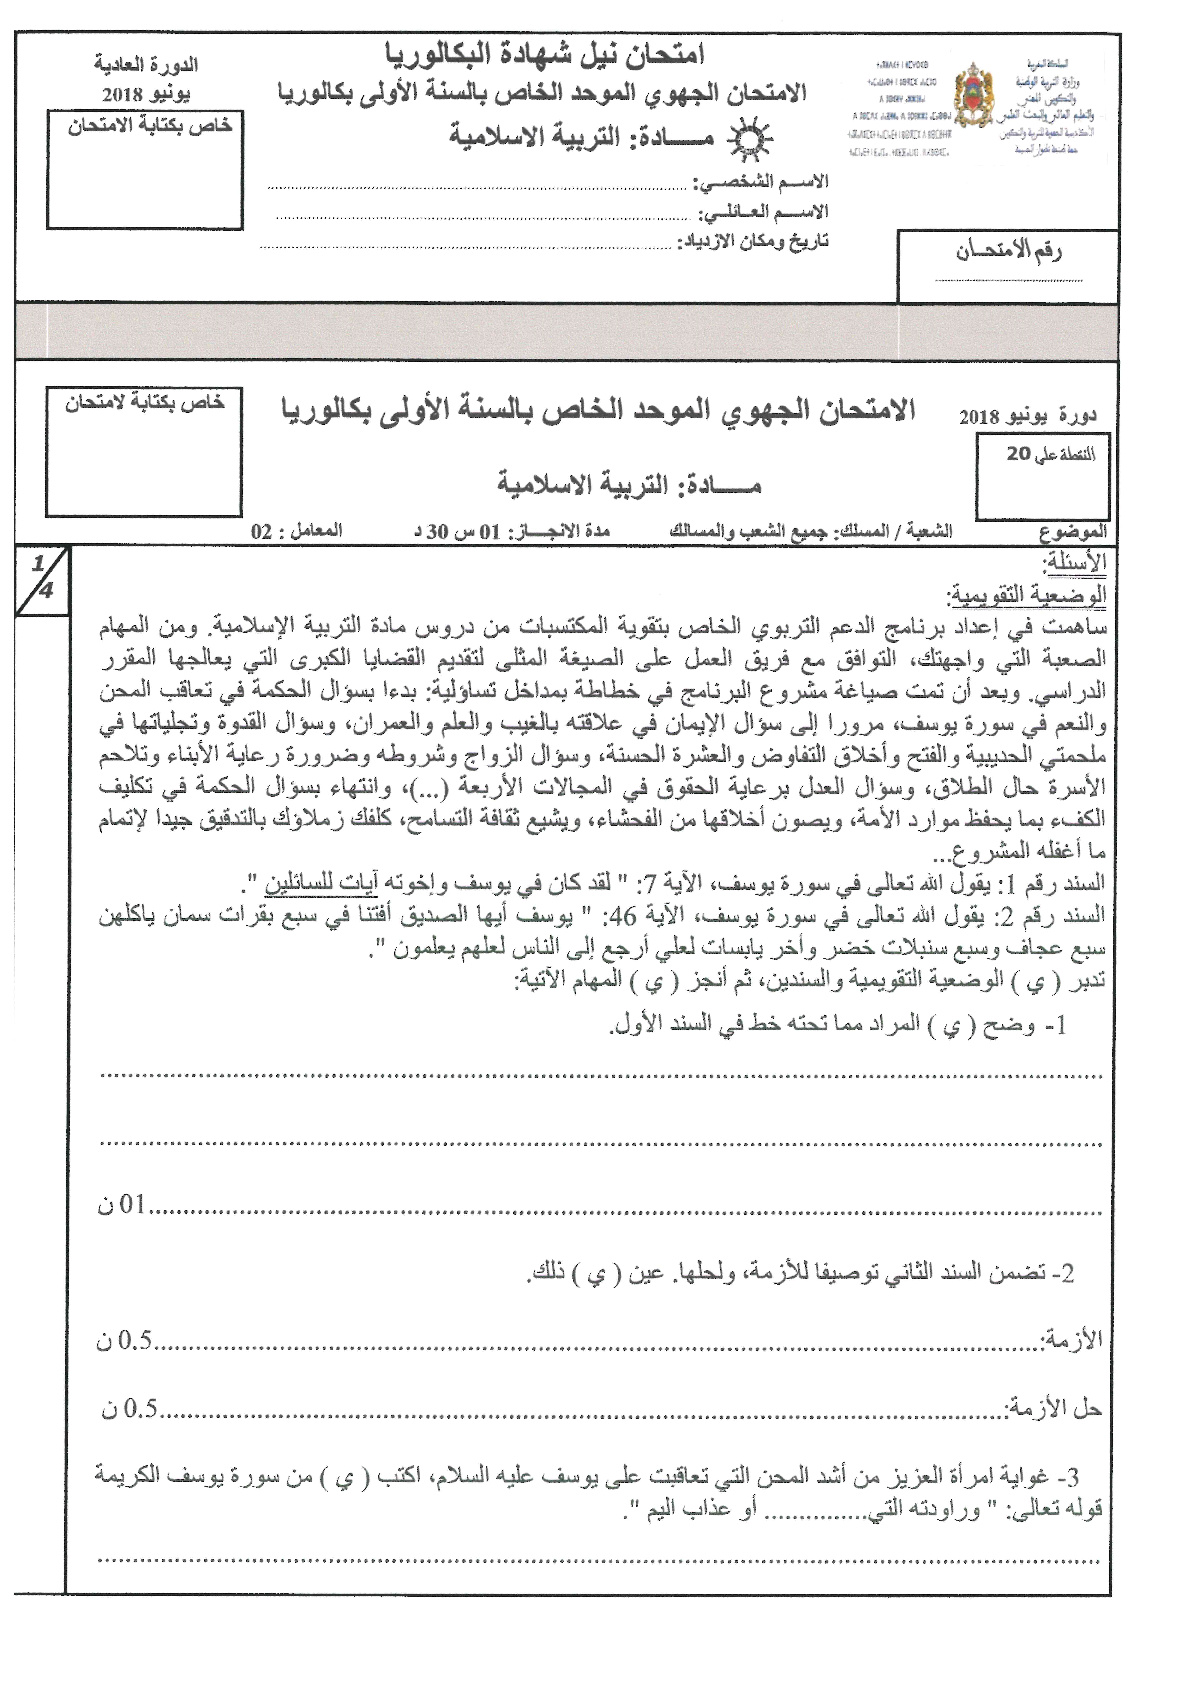 الامتحان الجهوي في التربية الإسلامية اولى باك 2018